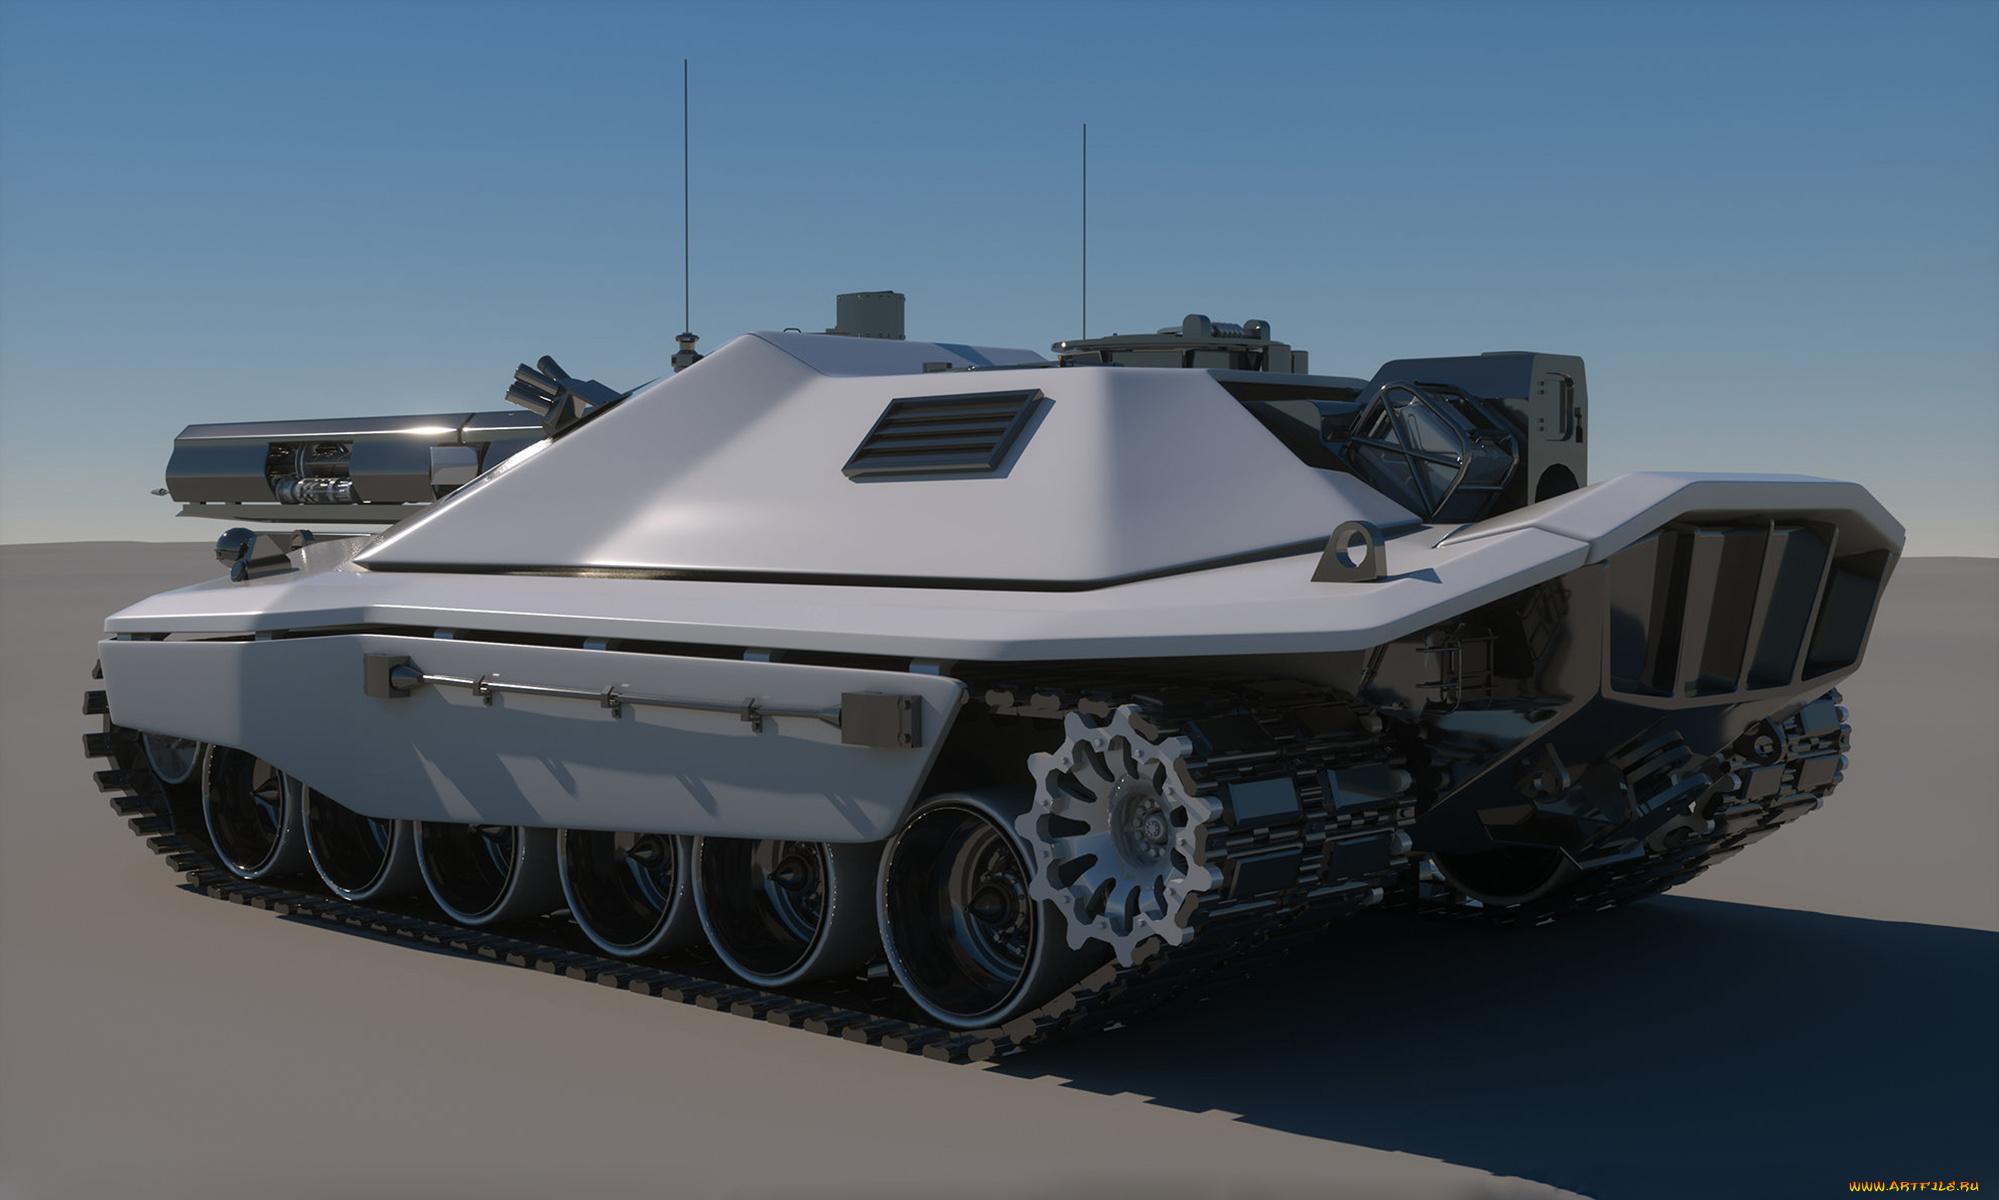 для фото военной техники будущего мой взгляд